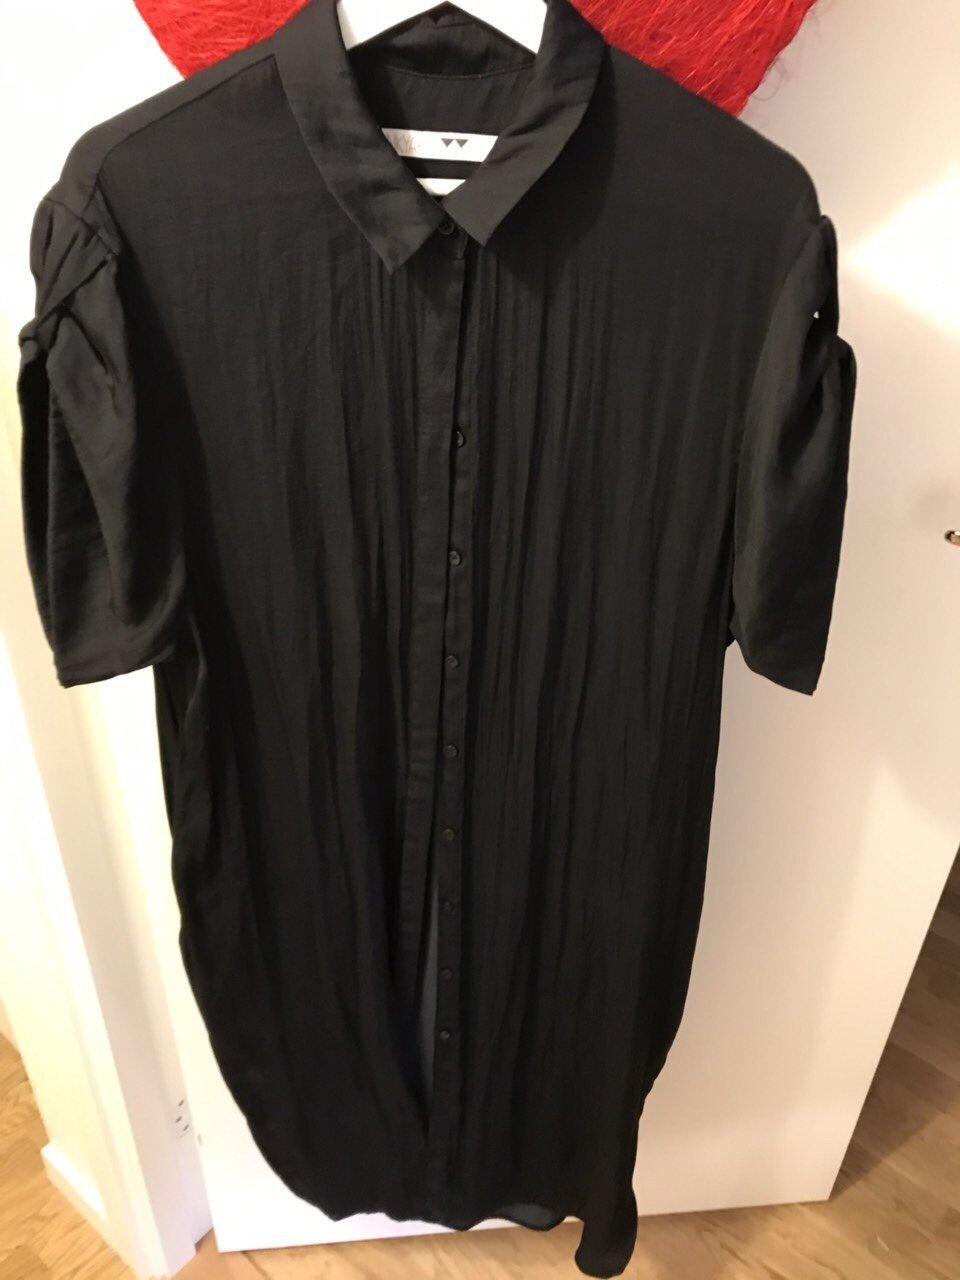 Junkyard svart skjortaklänning stl. L (350458592) ᐈ Köp på